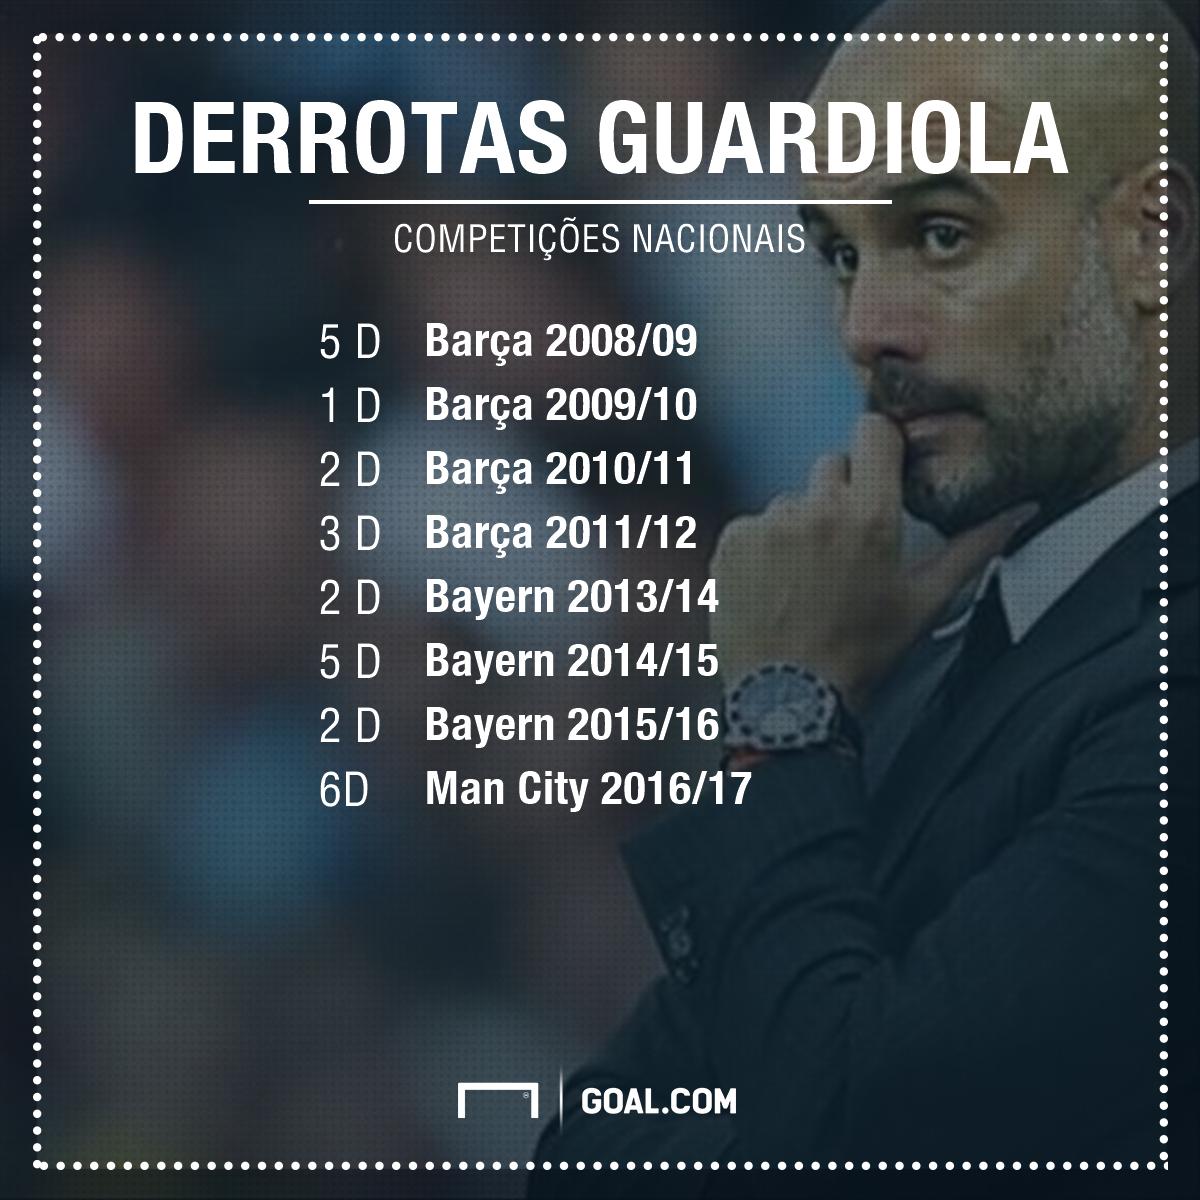 GFX PT Derrotas Guardiola